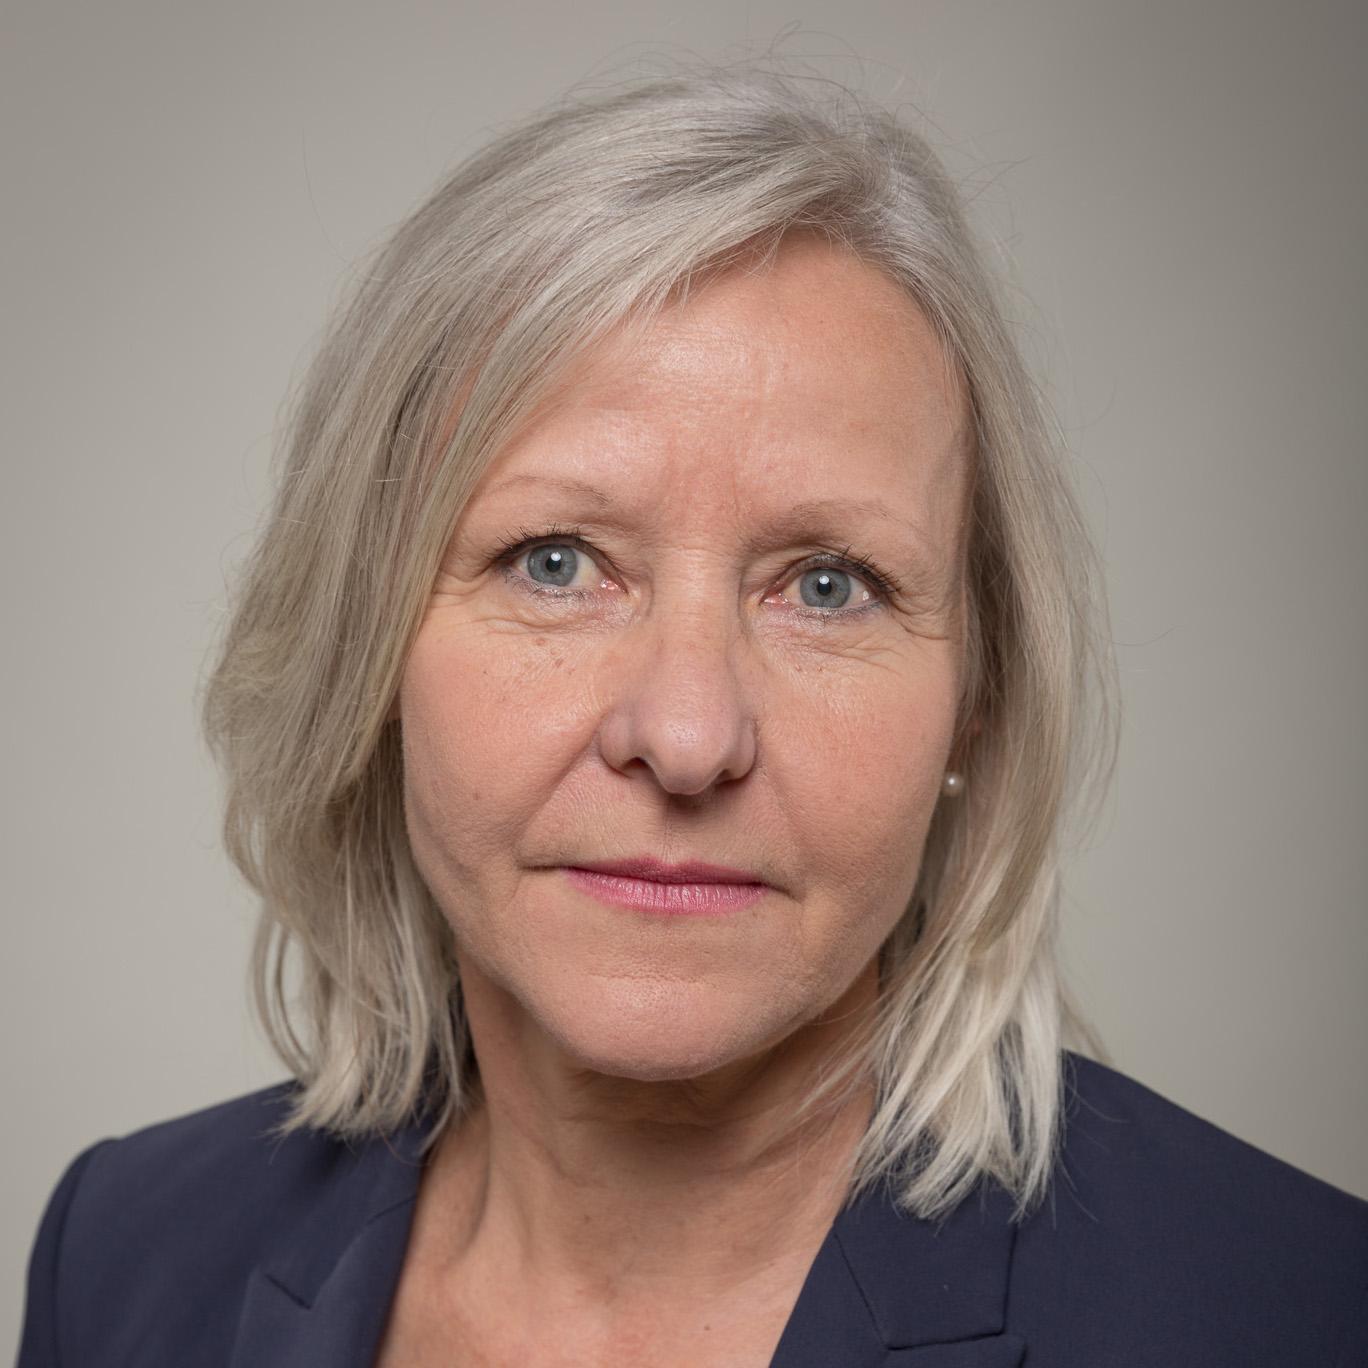 Helena Zaugg, Präsidentin des Schweizerischen Berufserbands derPflegefachleute SBK